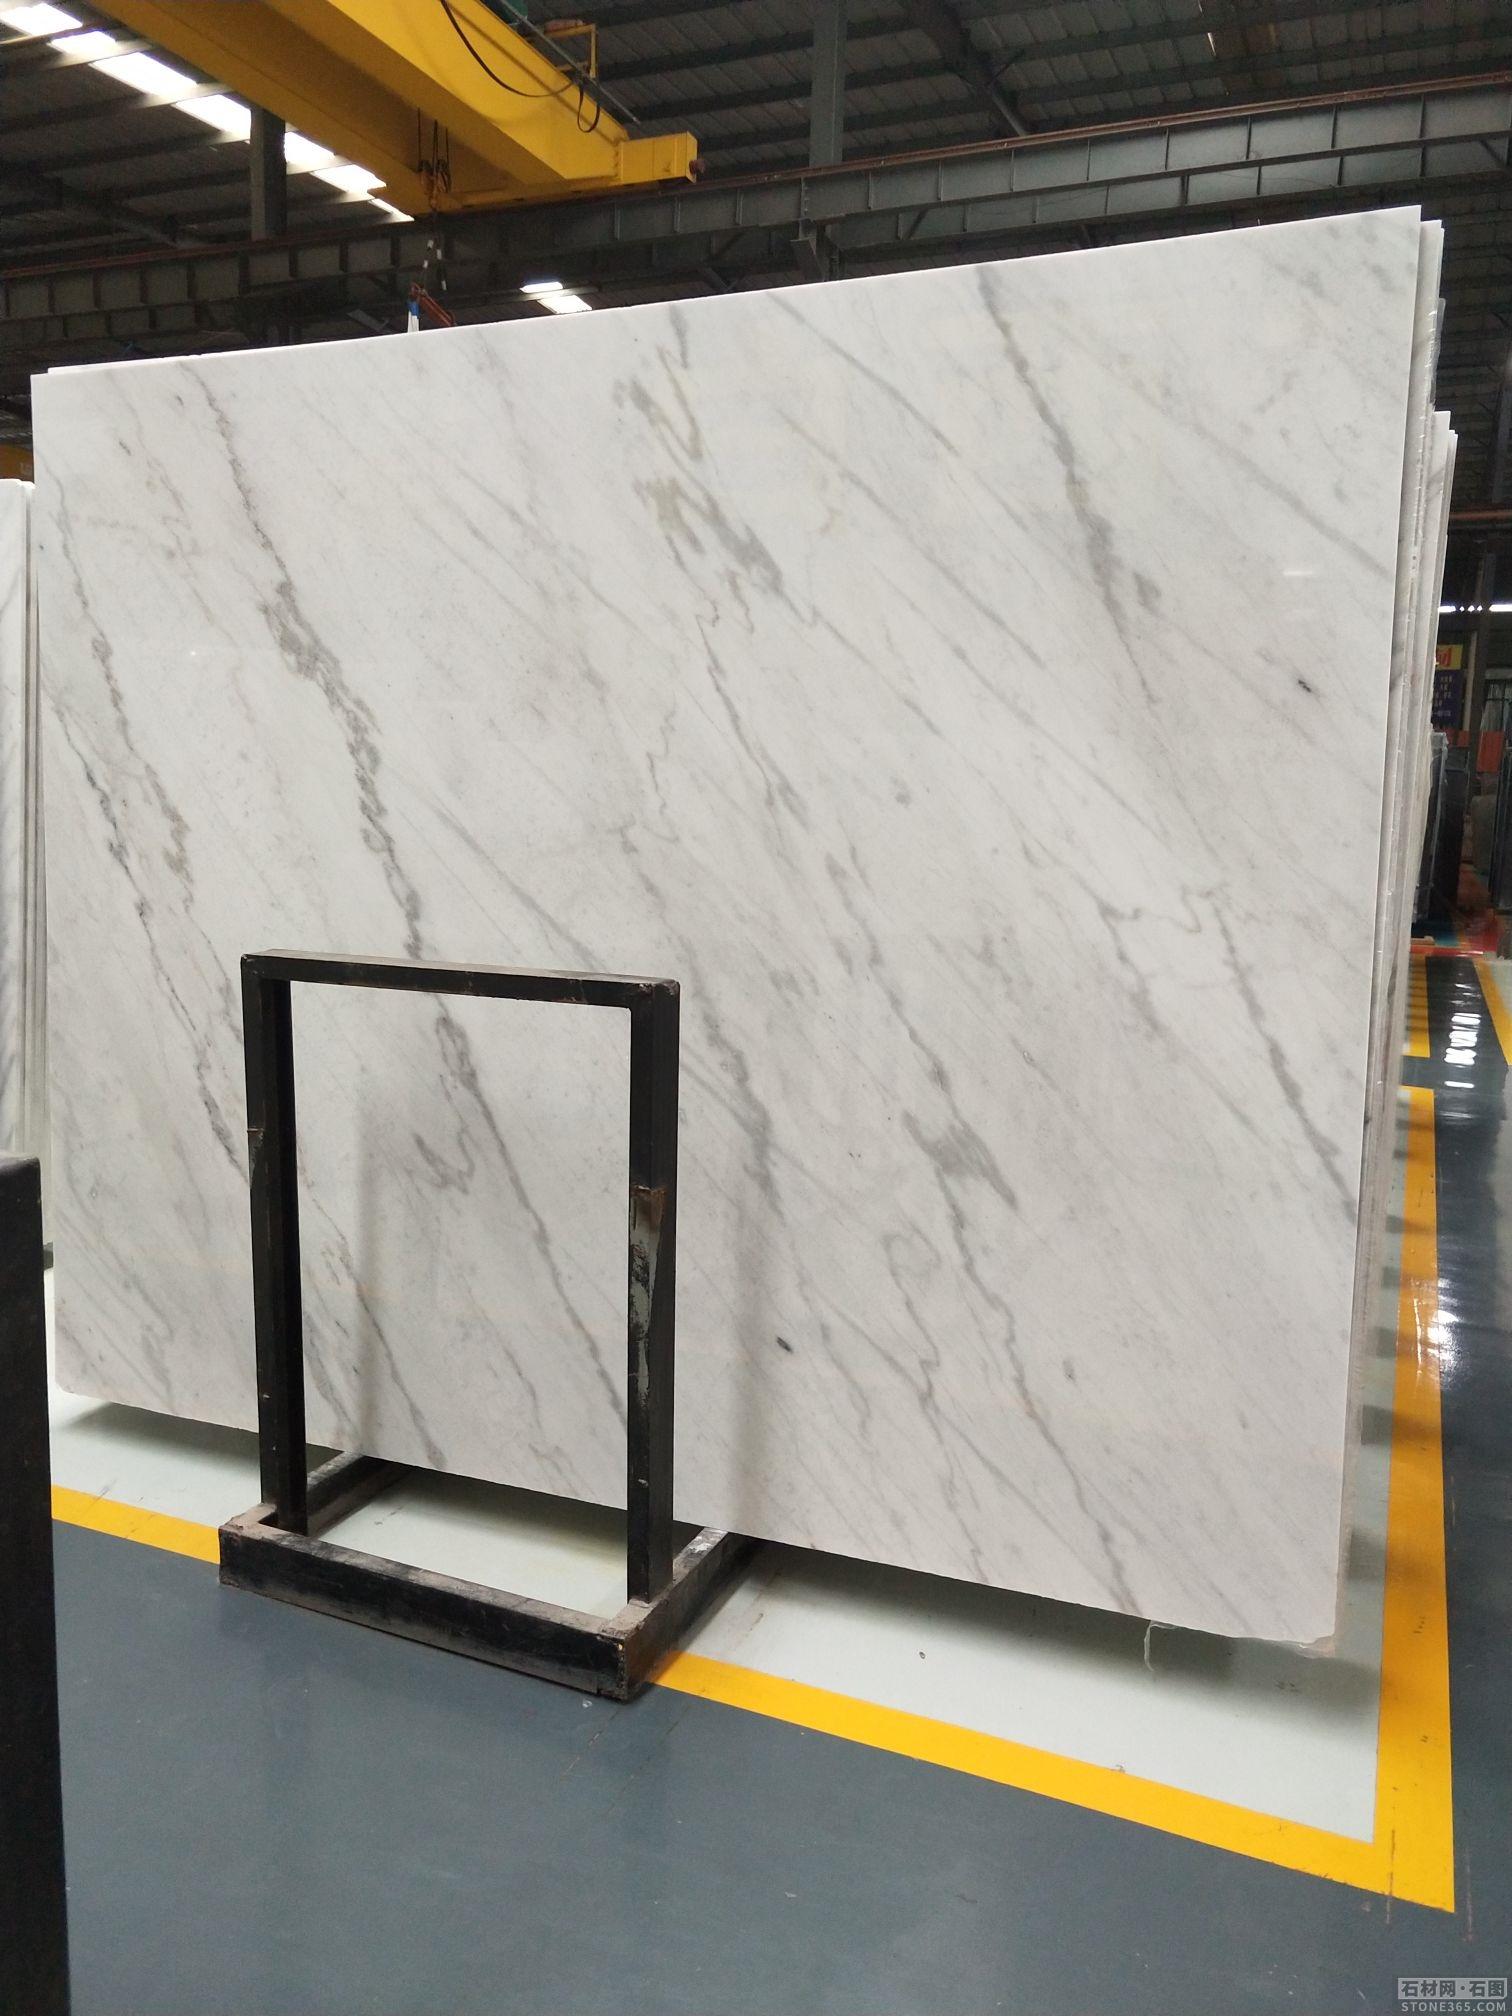 求购:尺寸:60*60*2cm, 白色通体大理石或者是底部复合瓷砖的,数量; 20000平方米,目标价:110元每平方米以内。谁家有这种材料的,敬请加本人微信:15359329811;并发产品图片,报